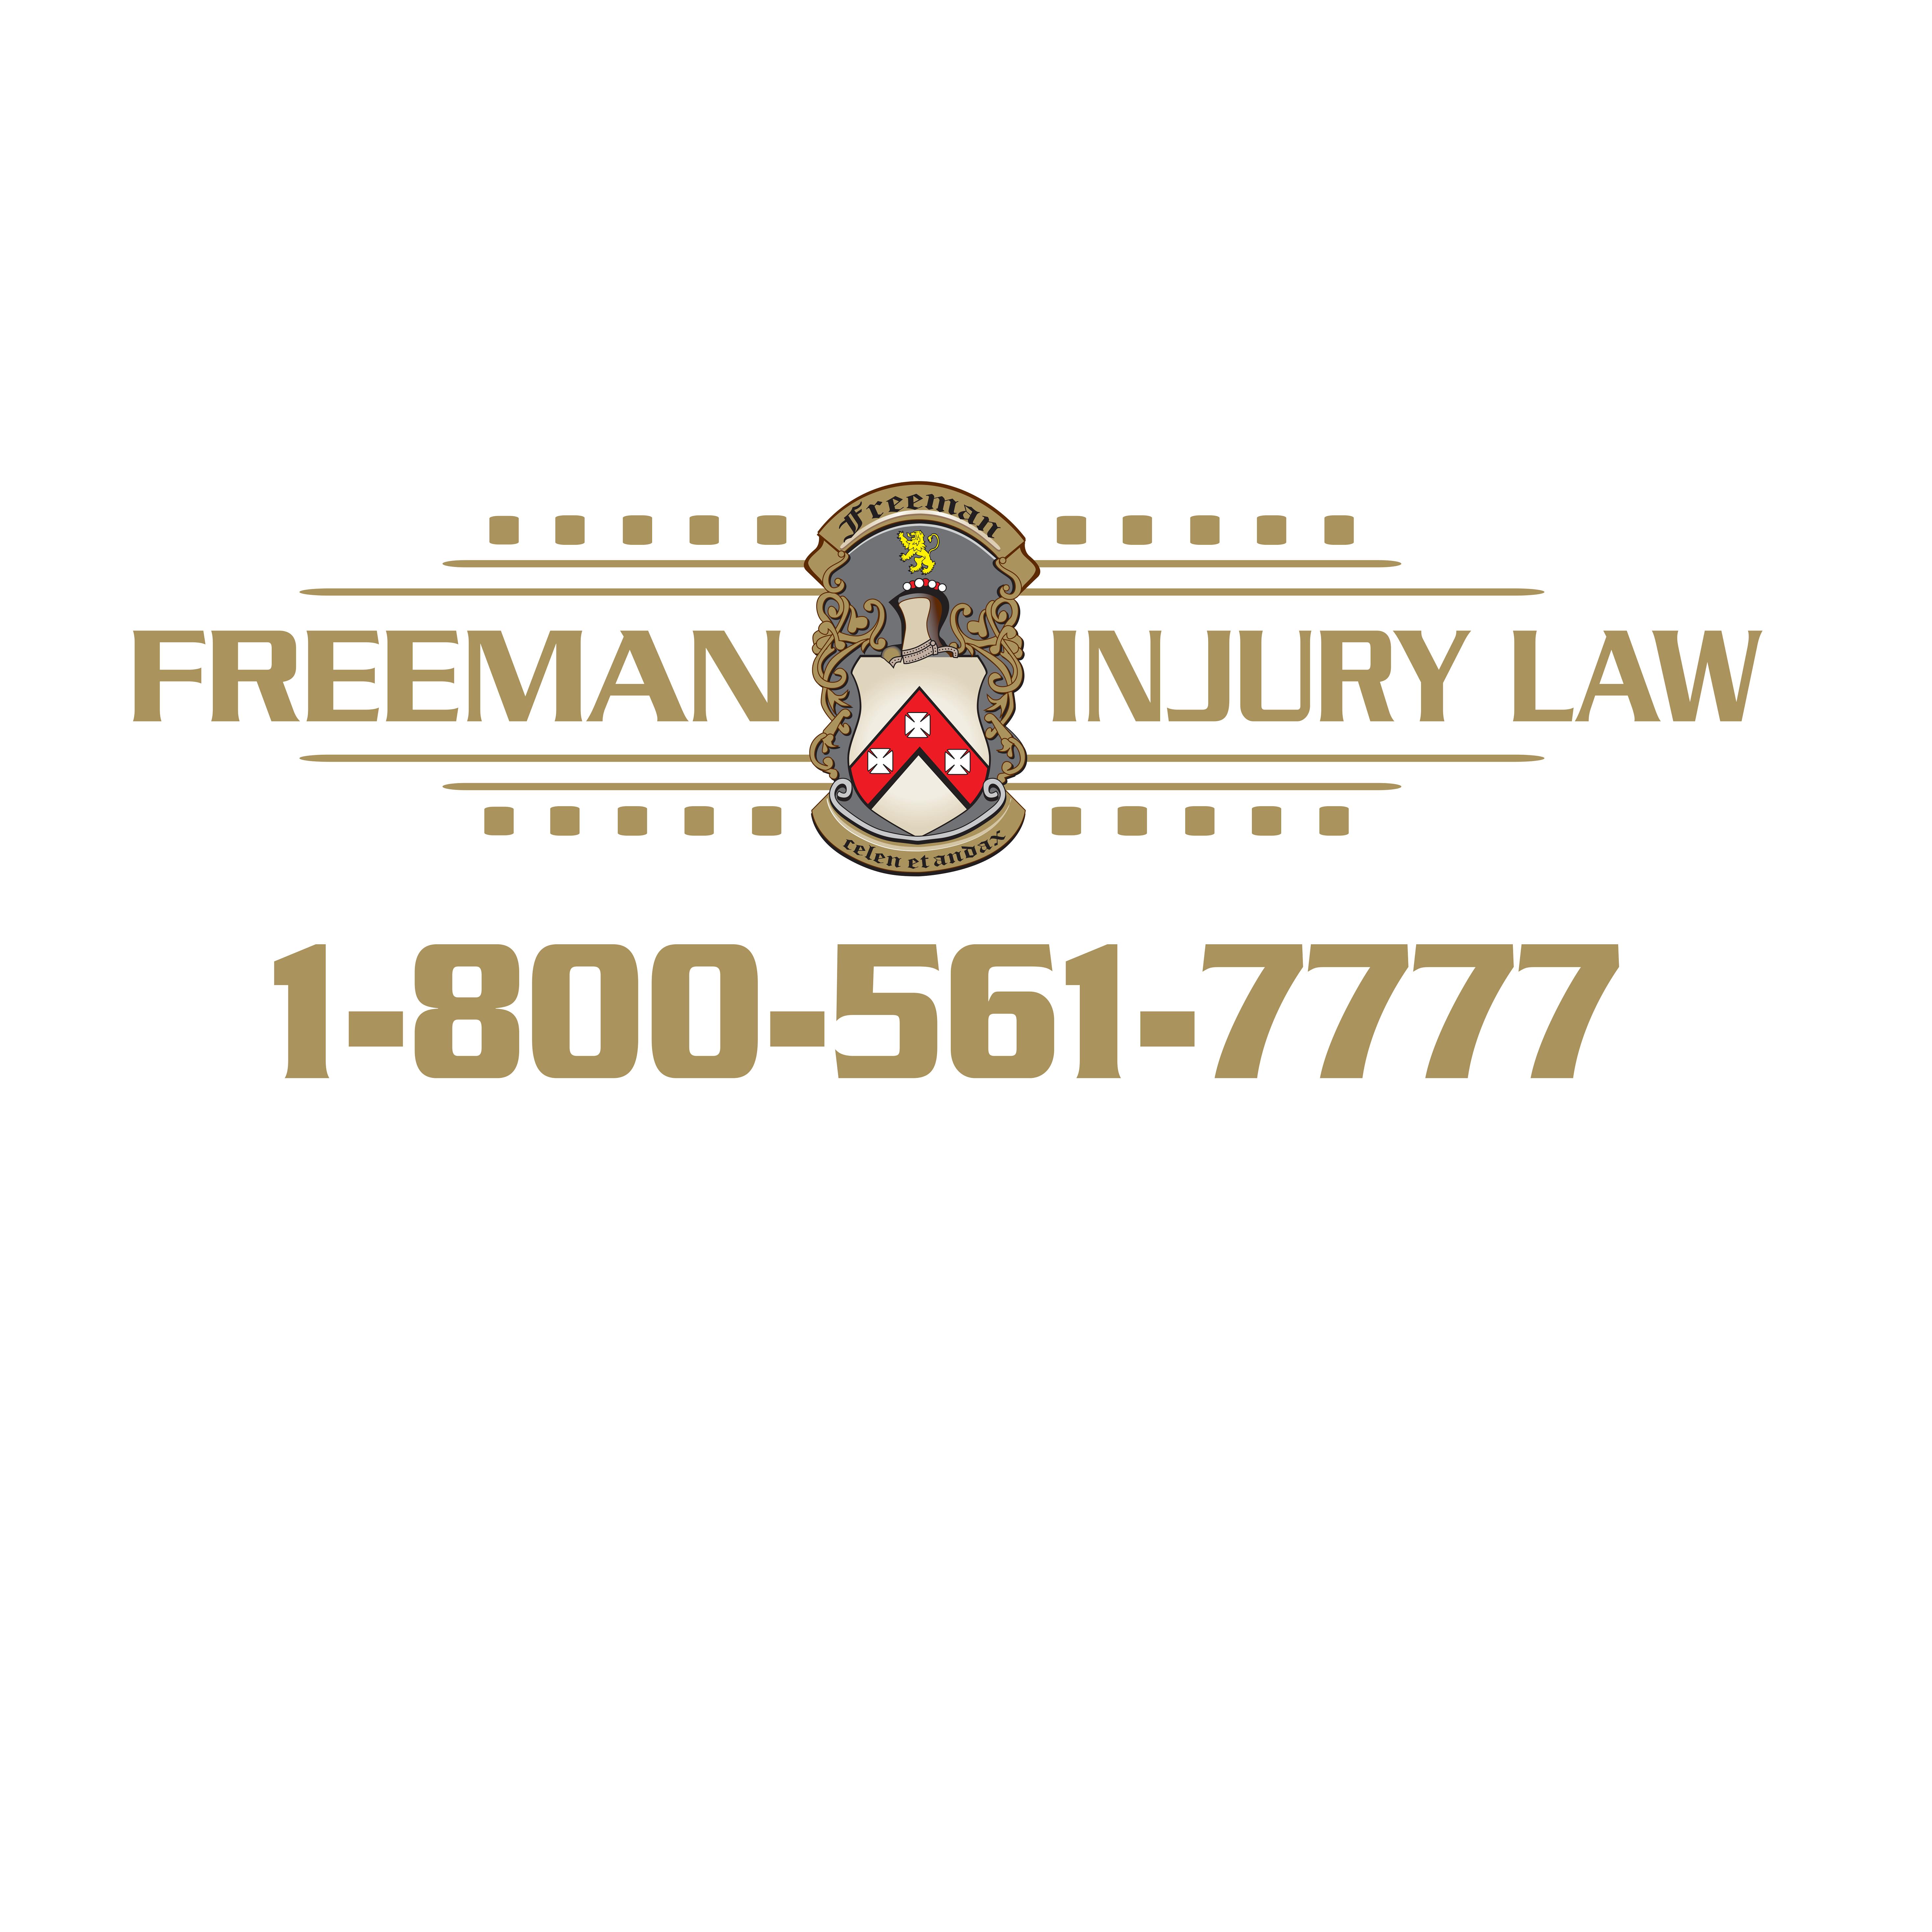 Freeman Injury Law image 1